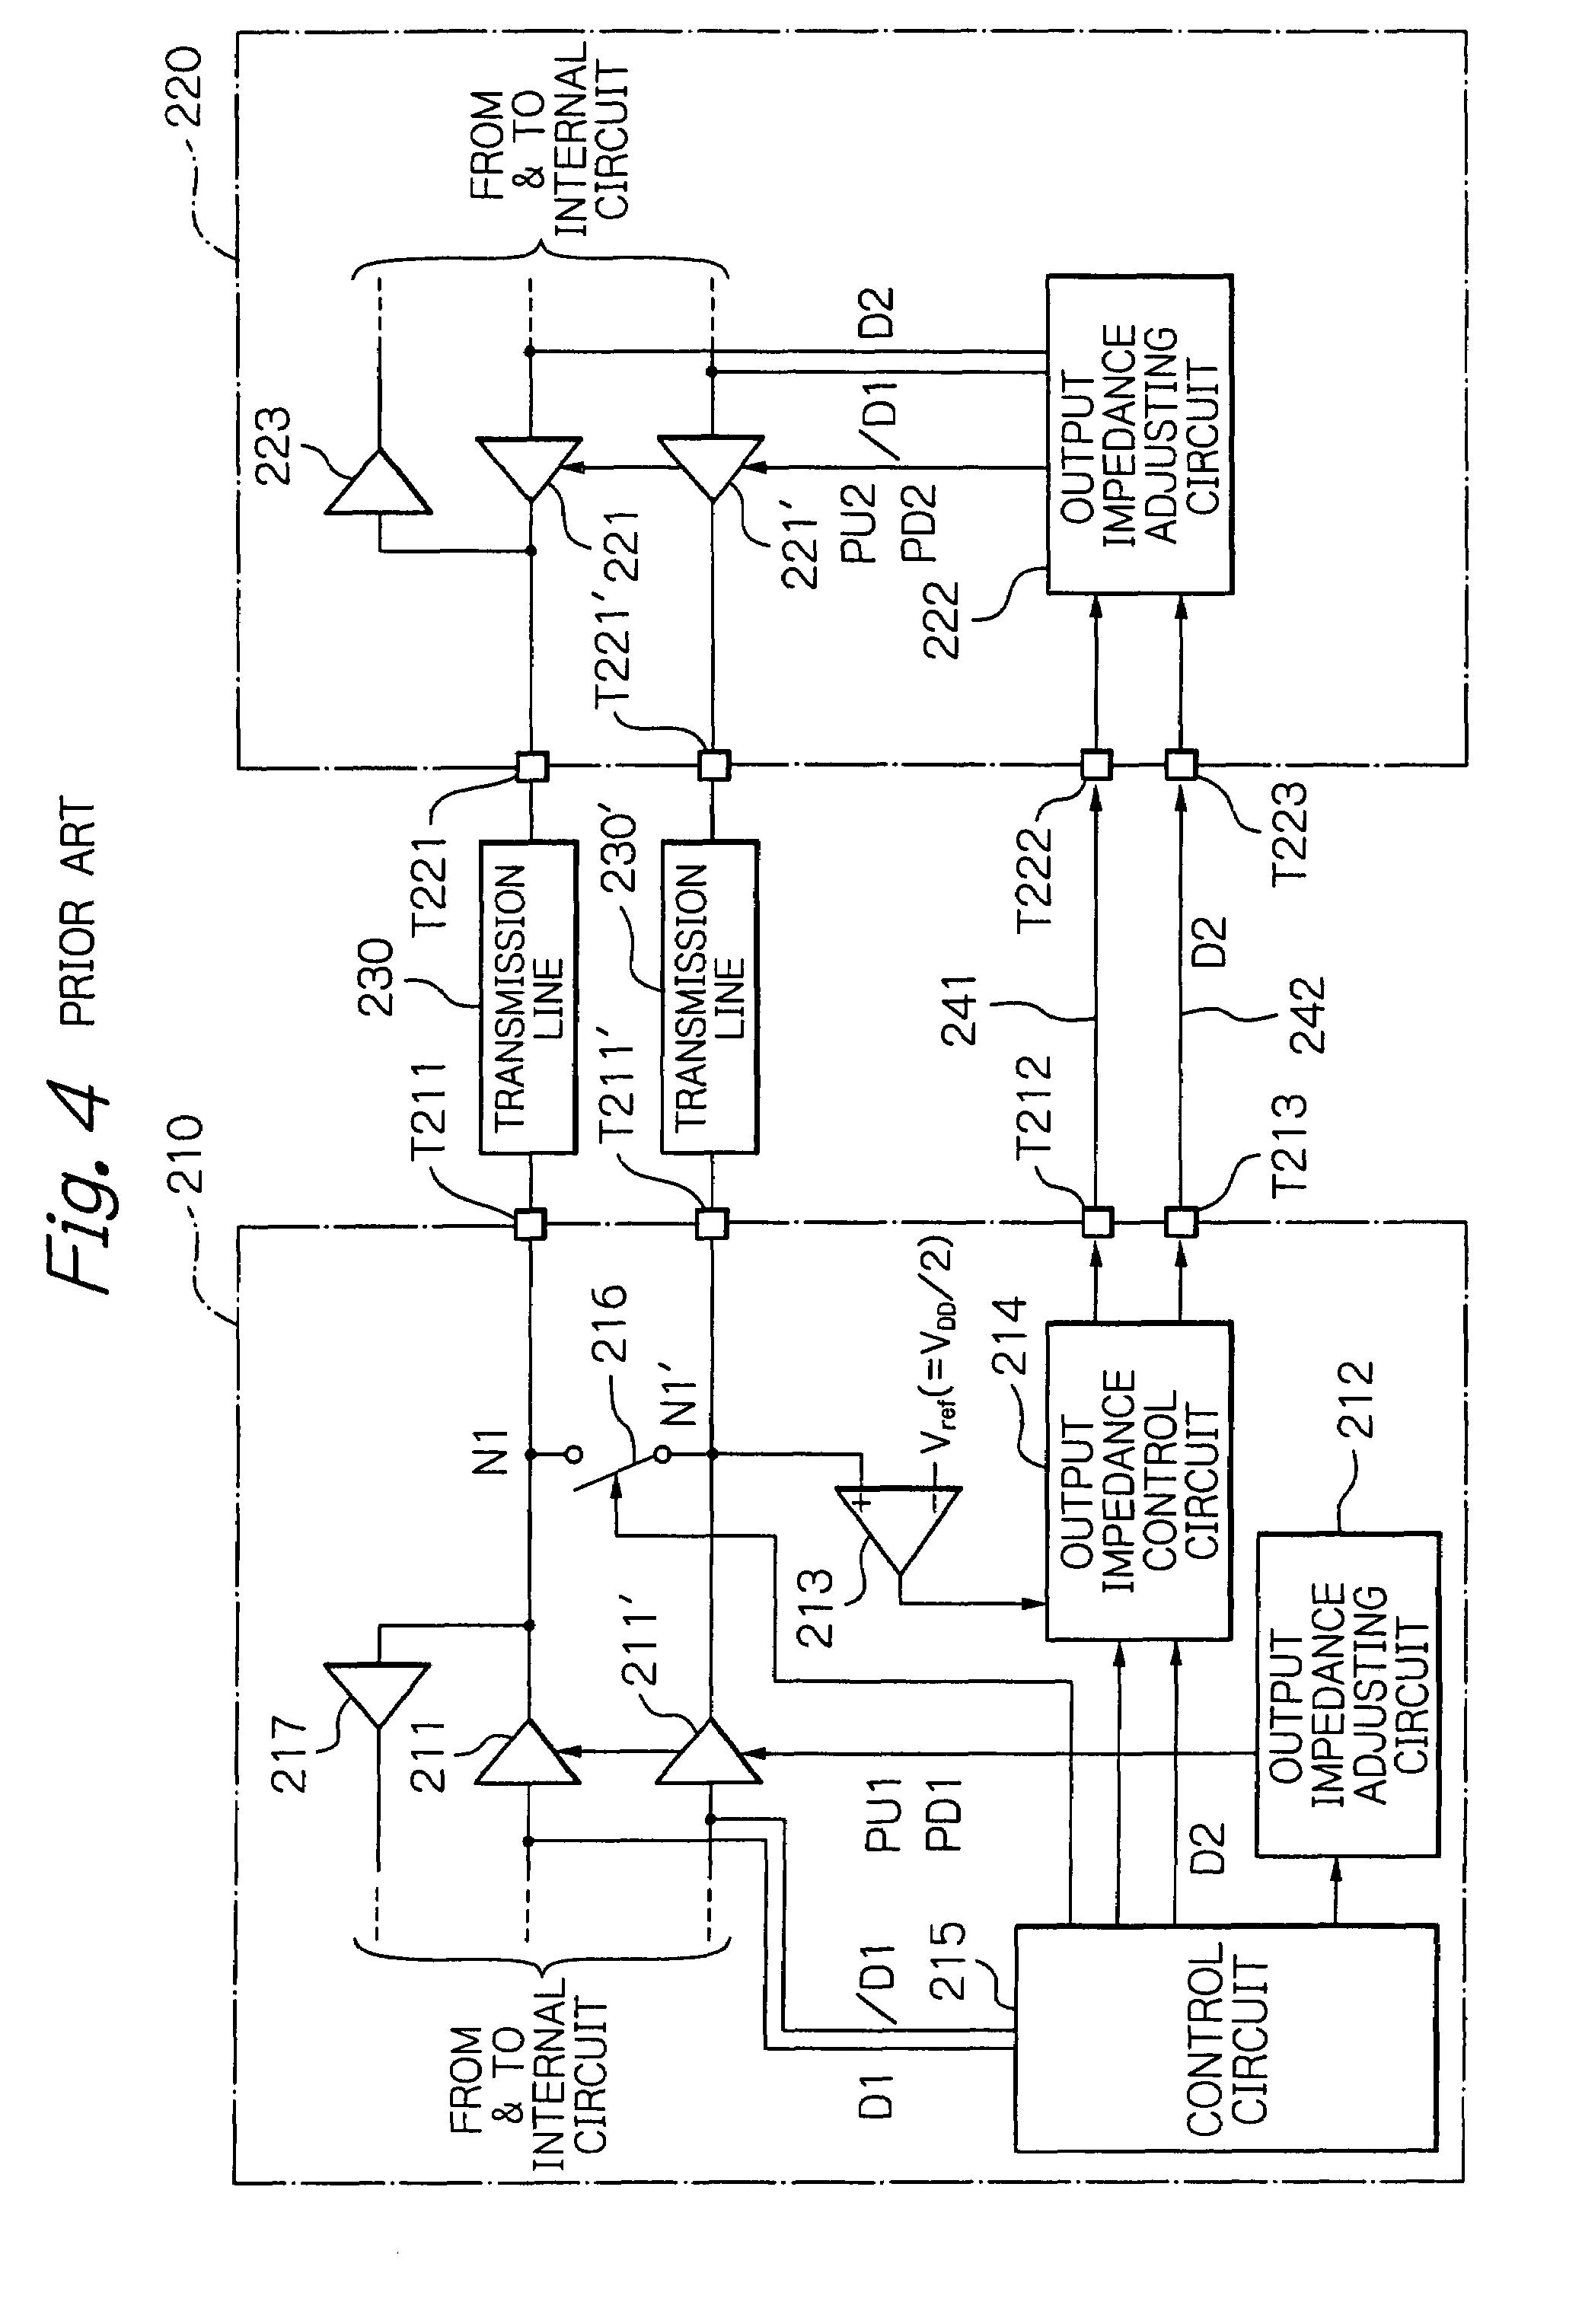 patent us7489160